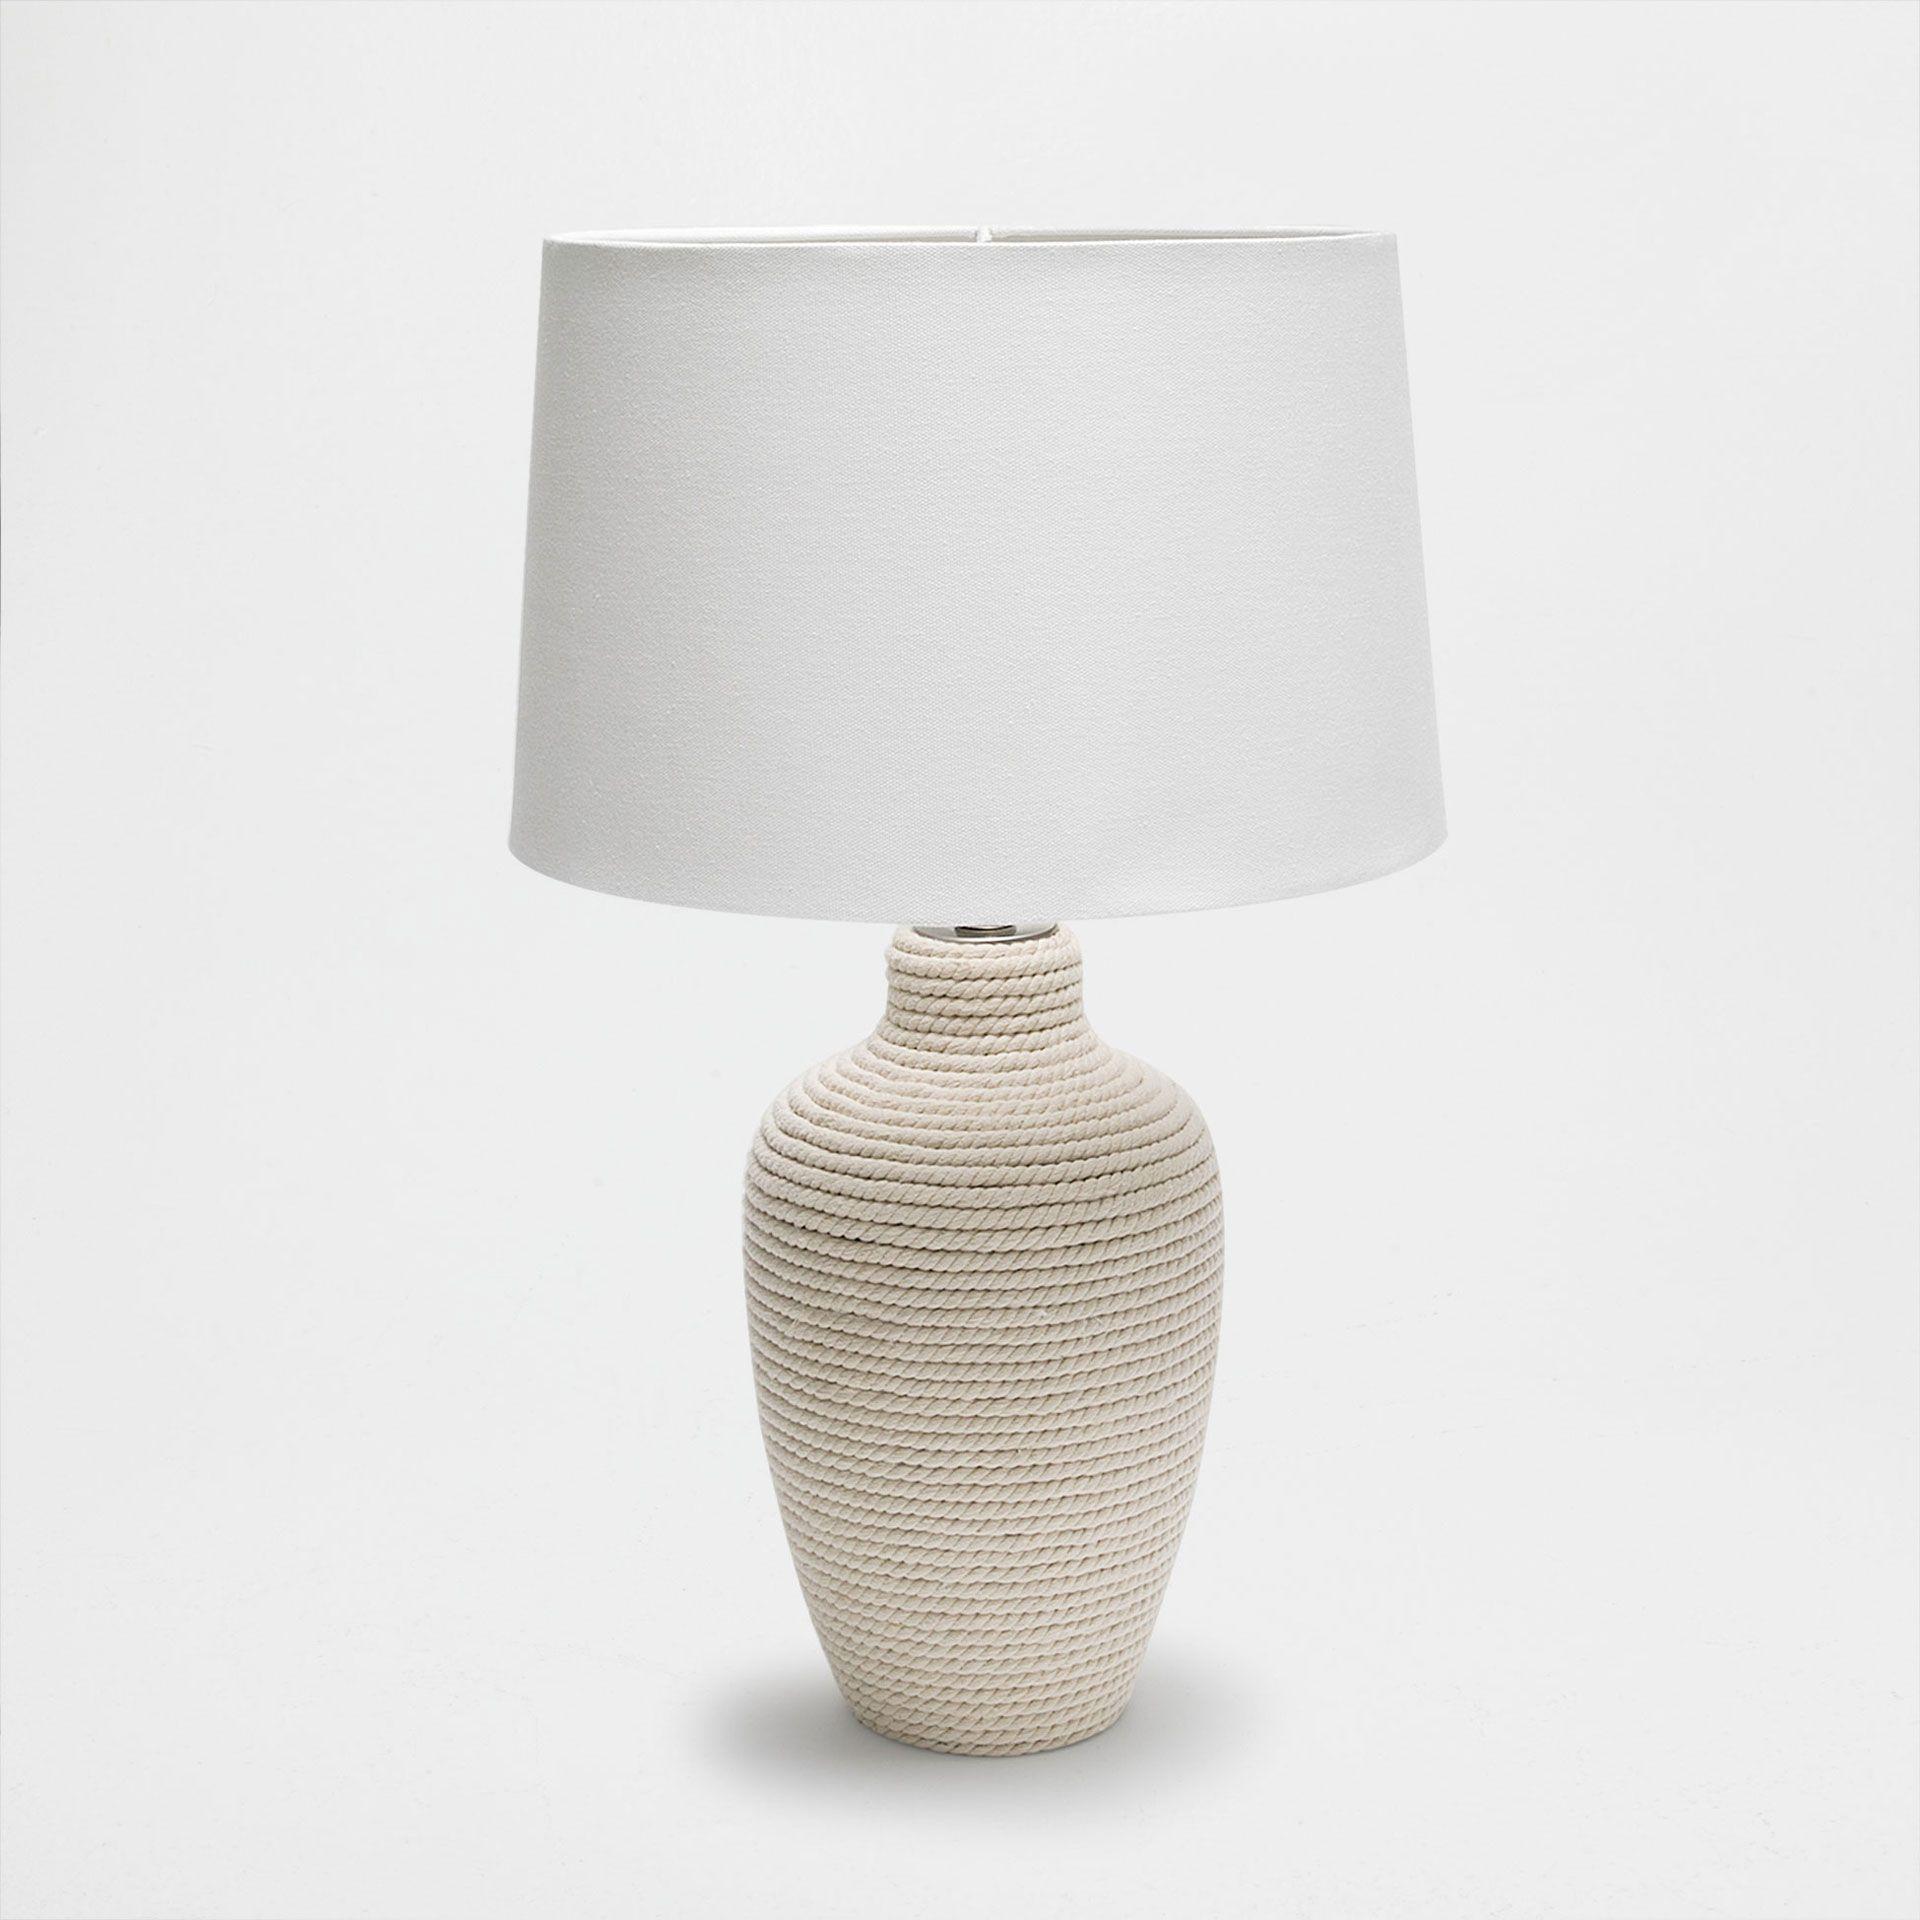 Vyobrazeni 1 Produktu Lampa Na Podstavci S Provazovym Vzhledem